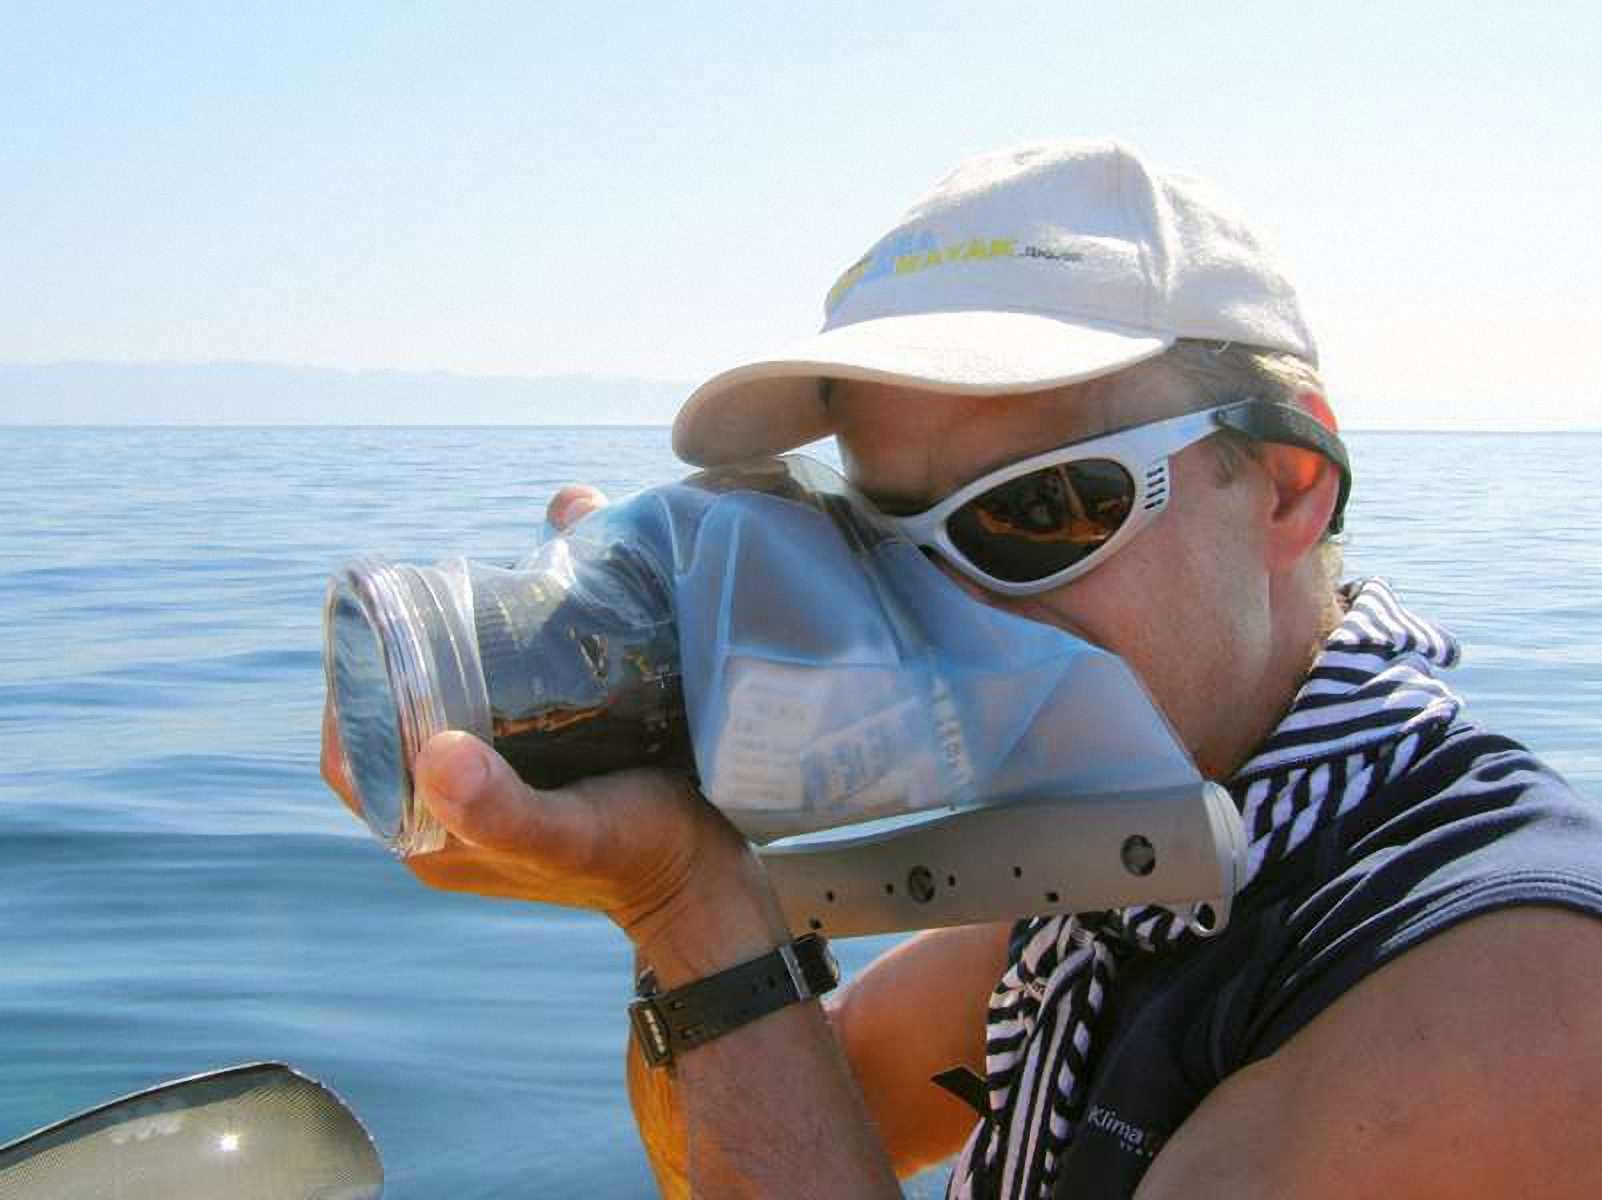 Водонепроницаемый чехол для фотоаппарата - Aquapac 458. Aquapac - №1 в мире водонепроницаемых чехлов и сумок. Фото 1